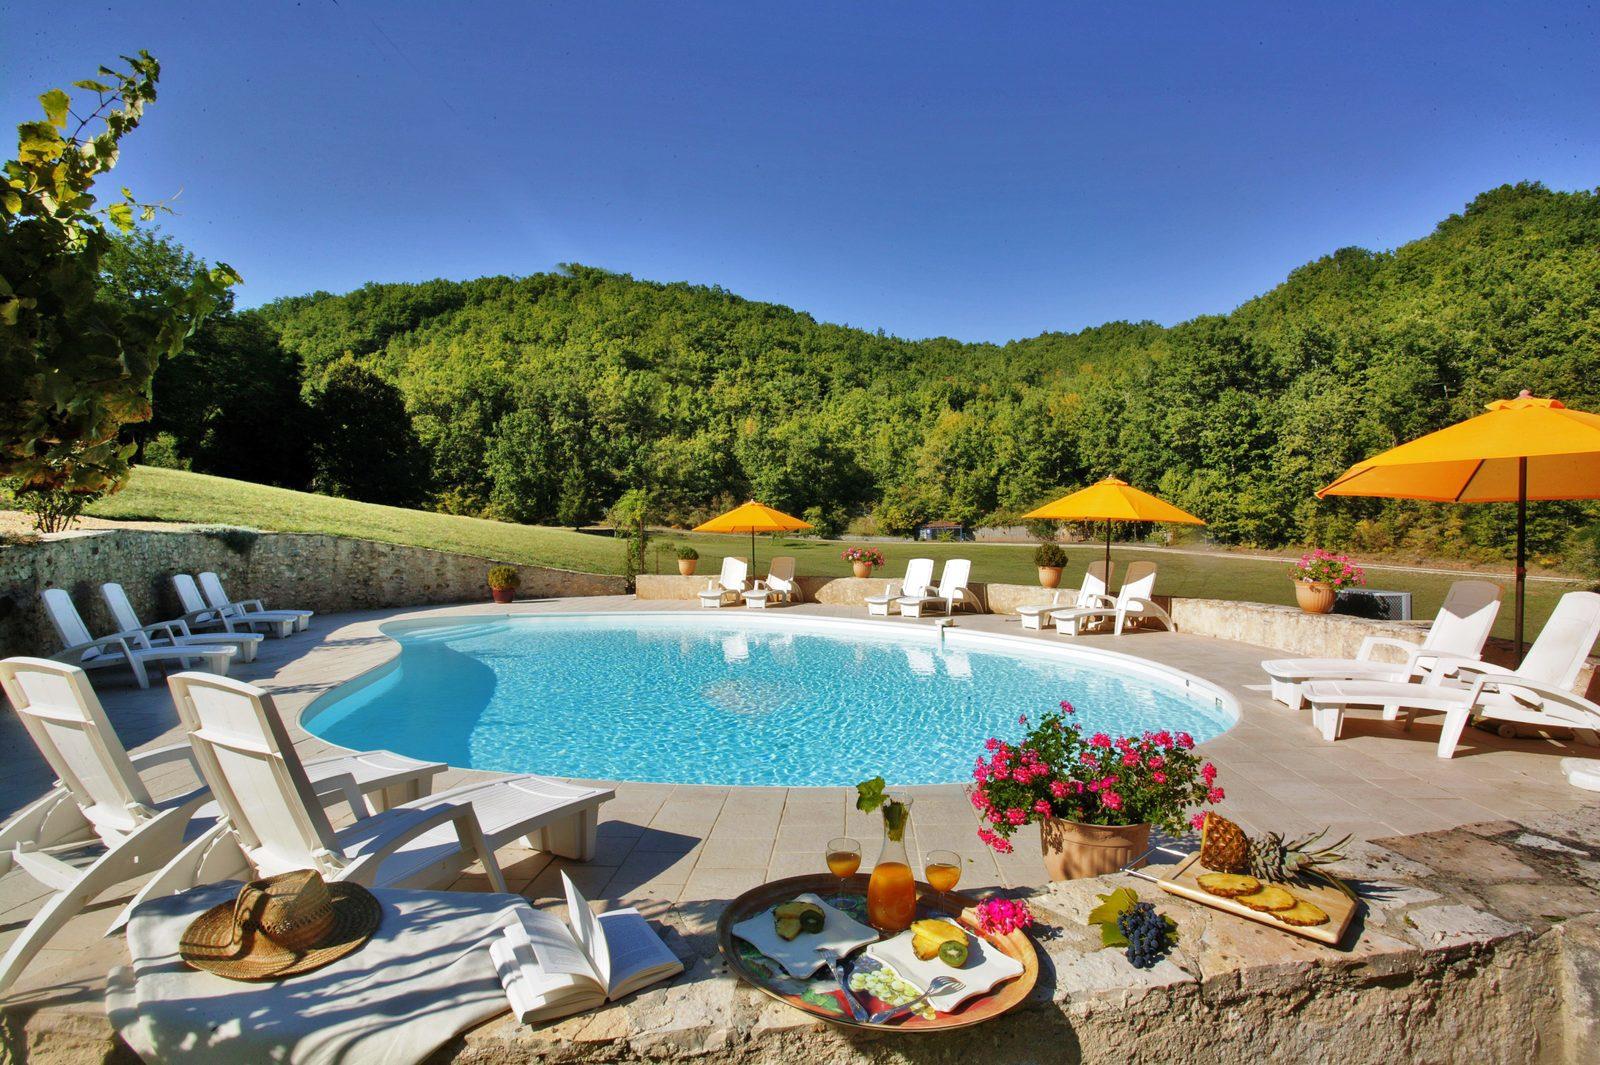 Vakantiehuis Frankrijk met verwarmd zwembad